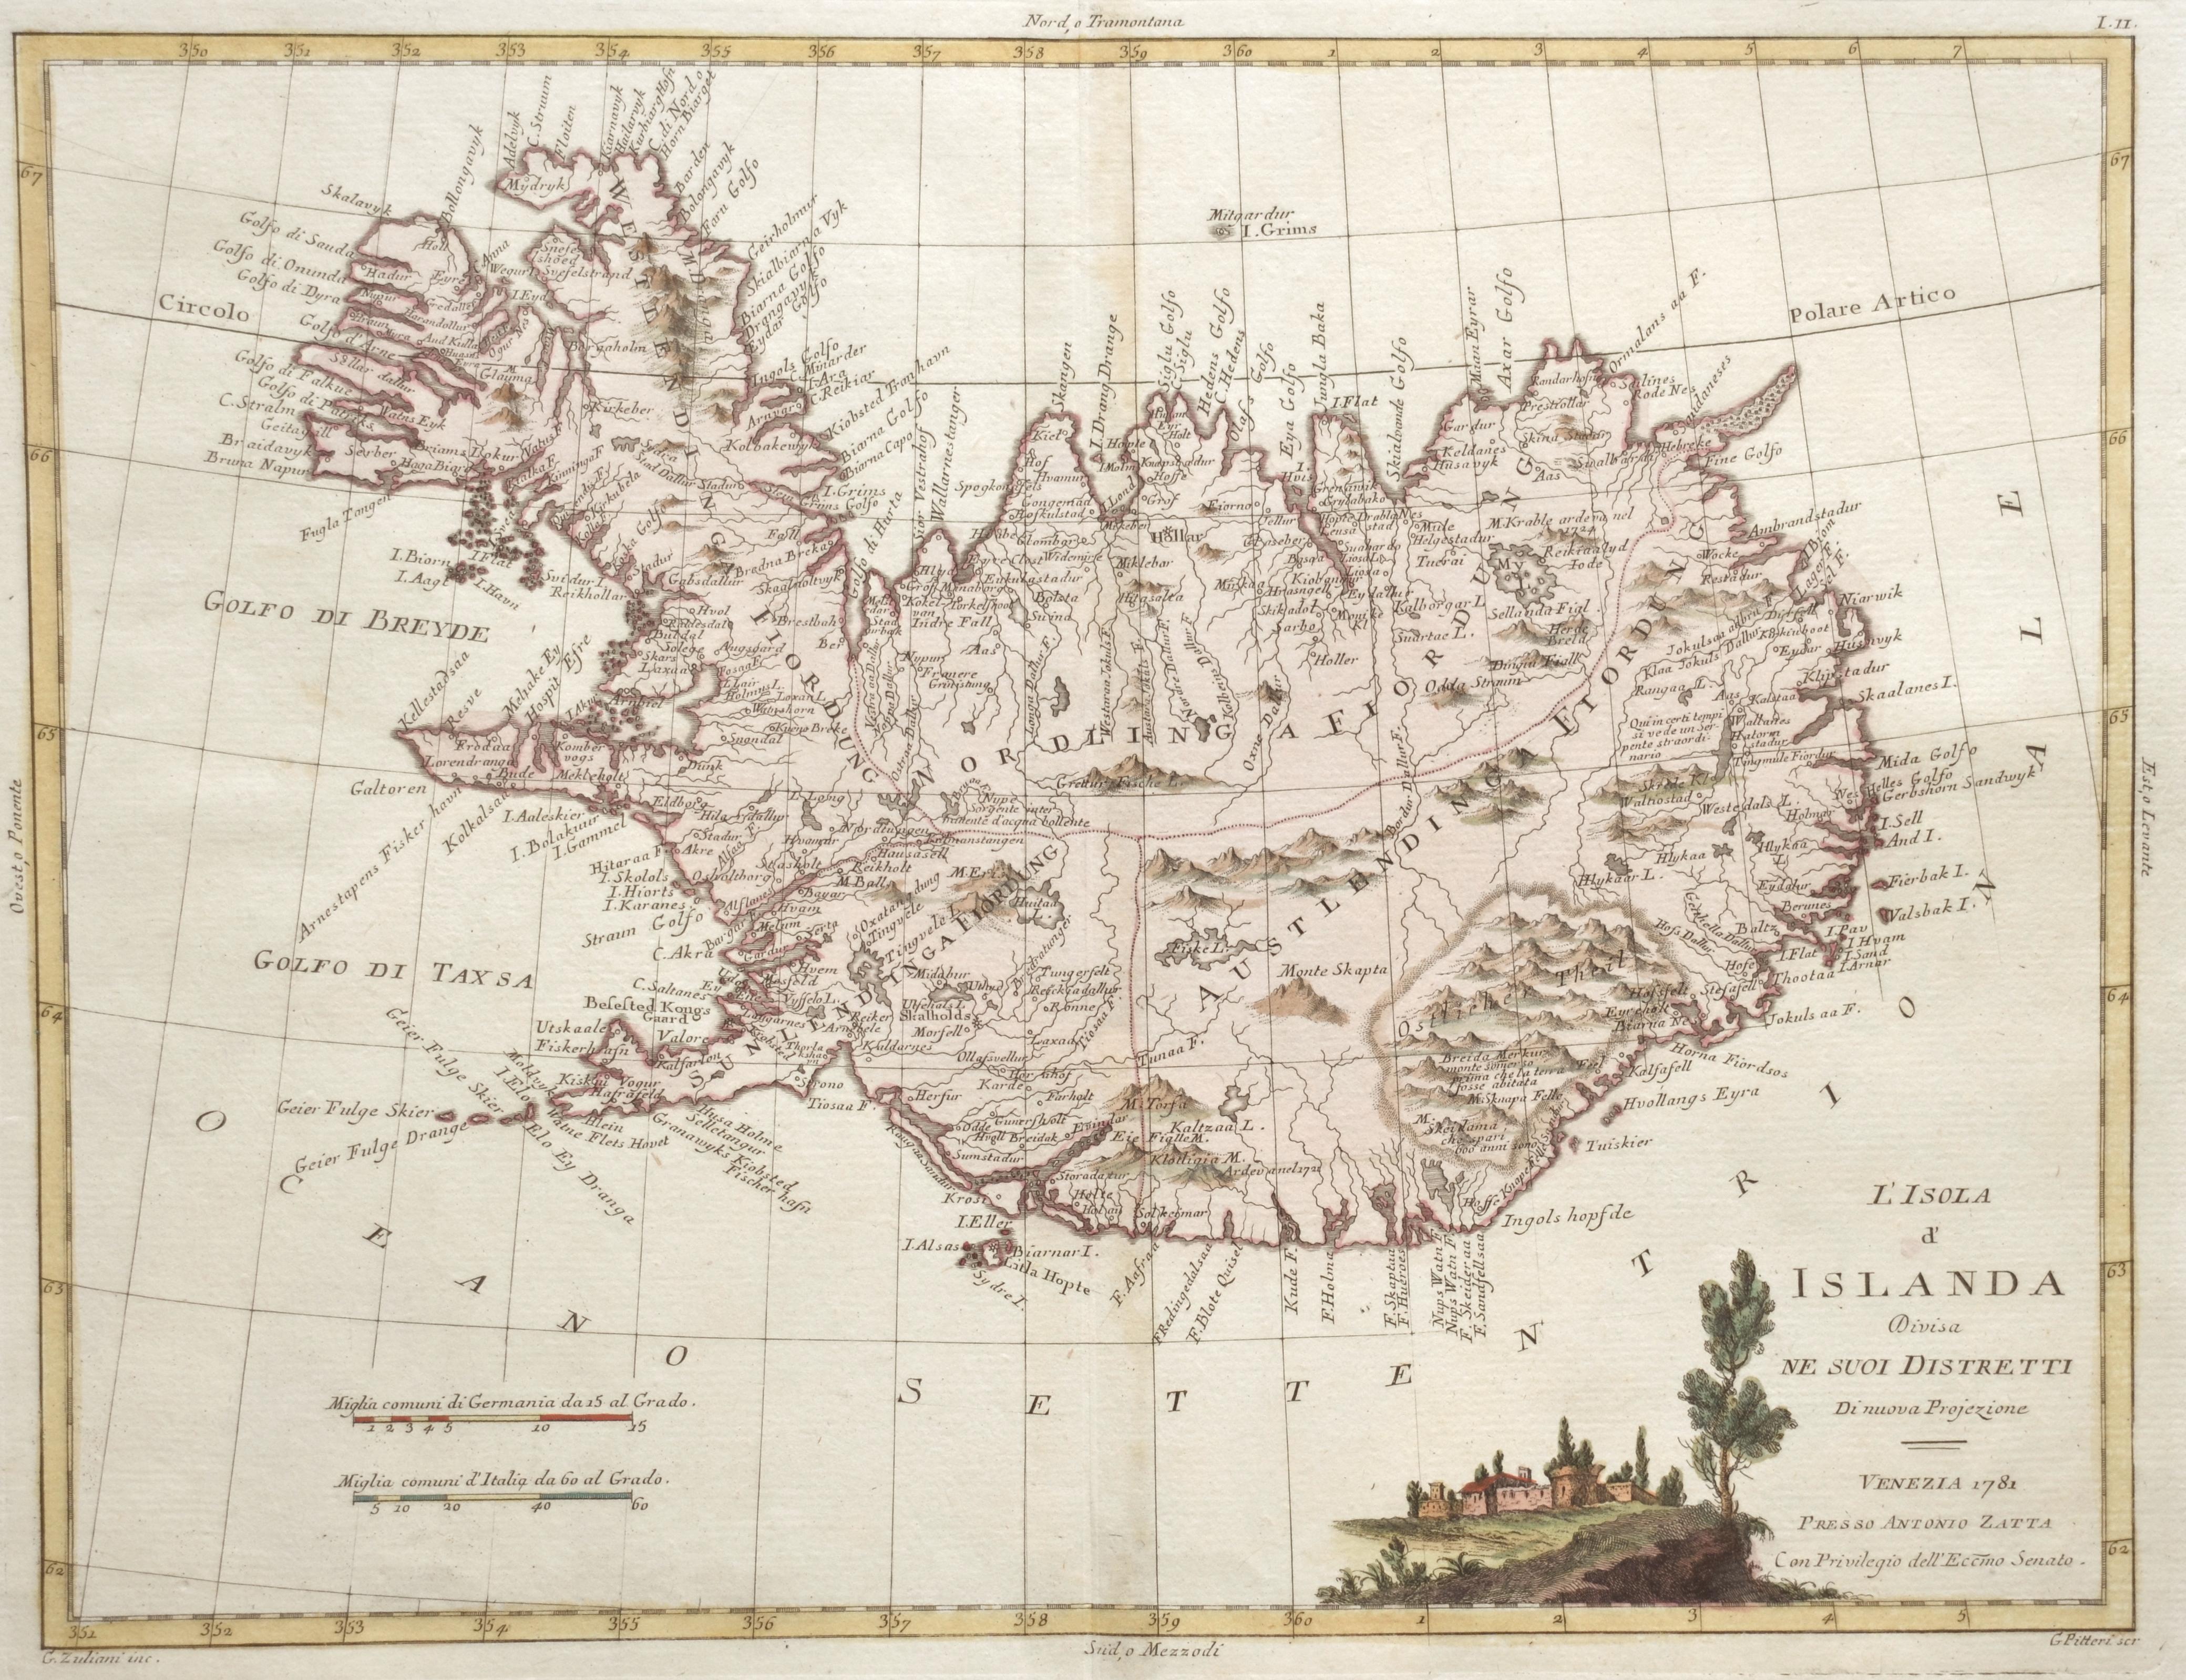 Zatta Antonio L'Isola d' Islanda Divisa ne suoi Distretti